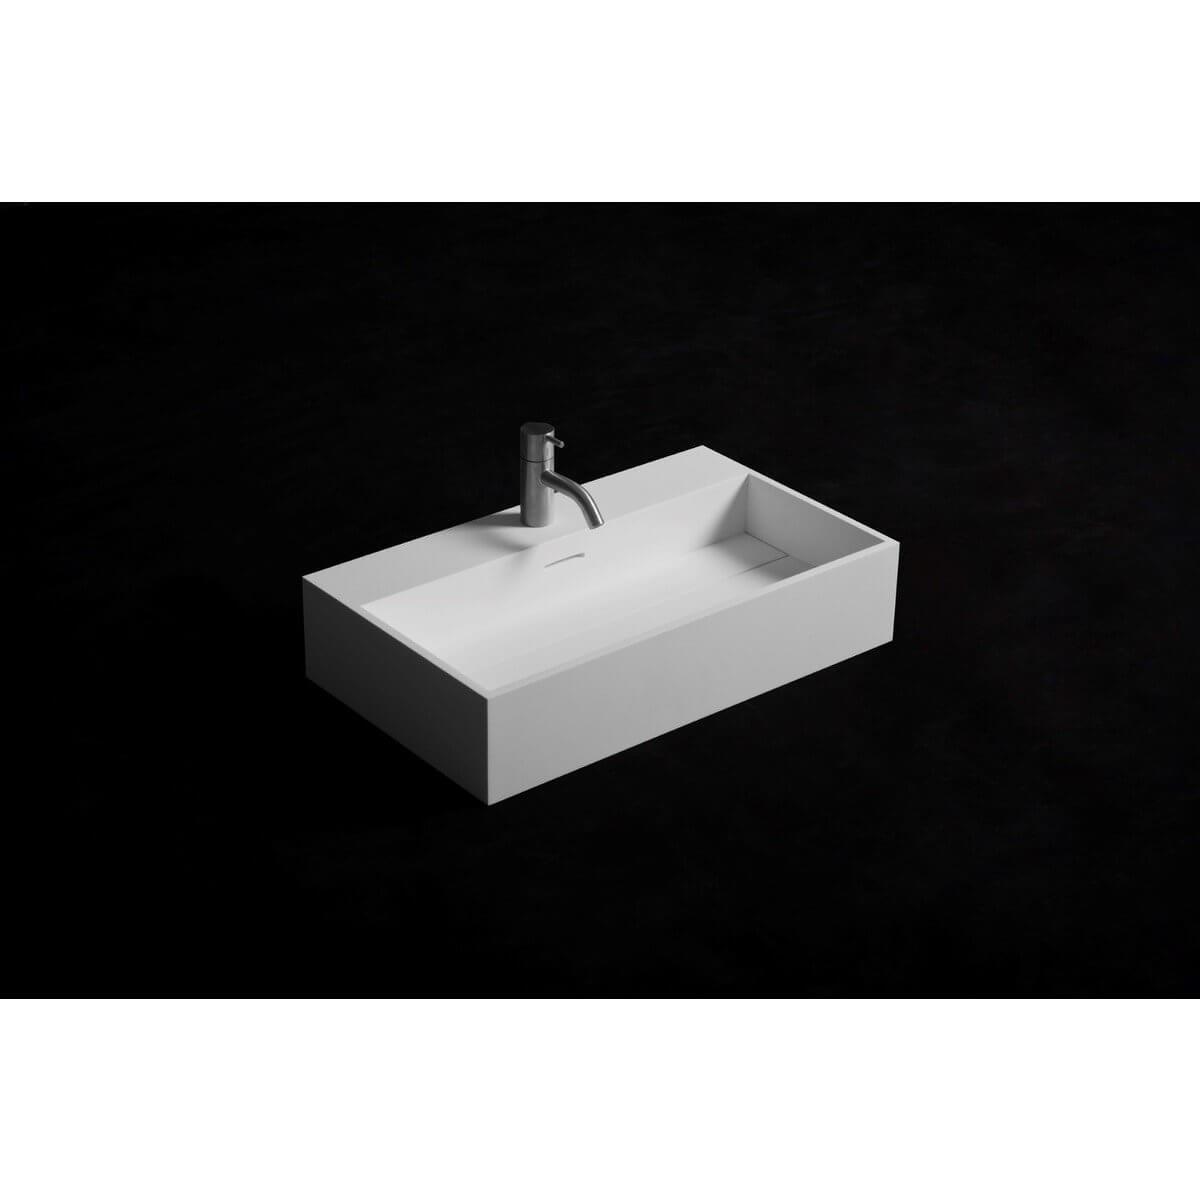 Wasbak Wit Rechthoekig.Ideavit Solidpure Wastafel Solidsurface Matwit 60x35x13cm Rechthoekig Mat Wit